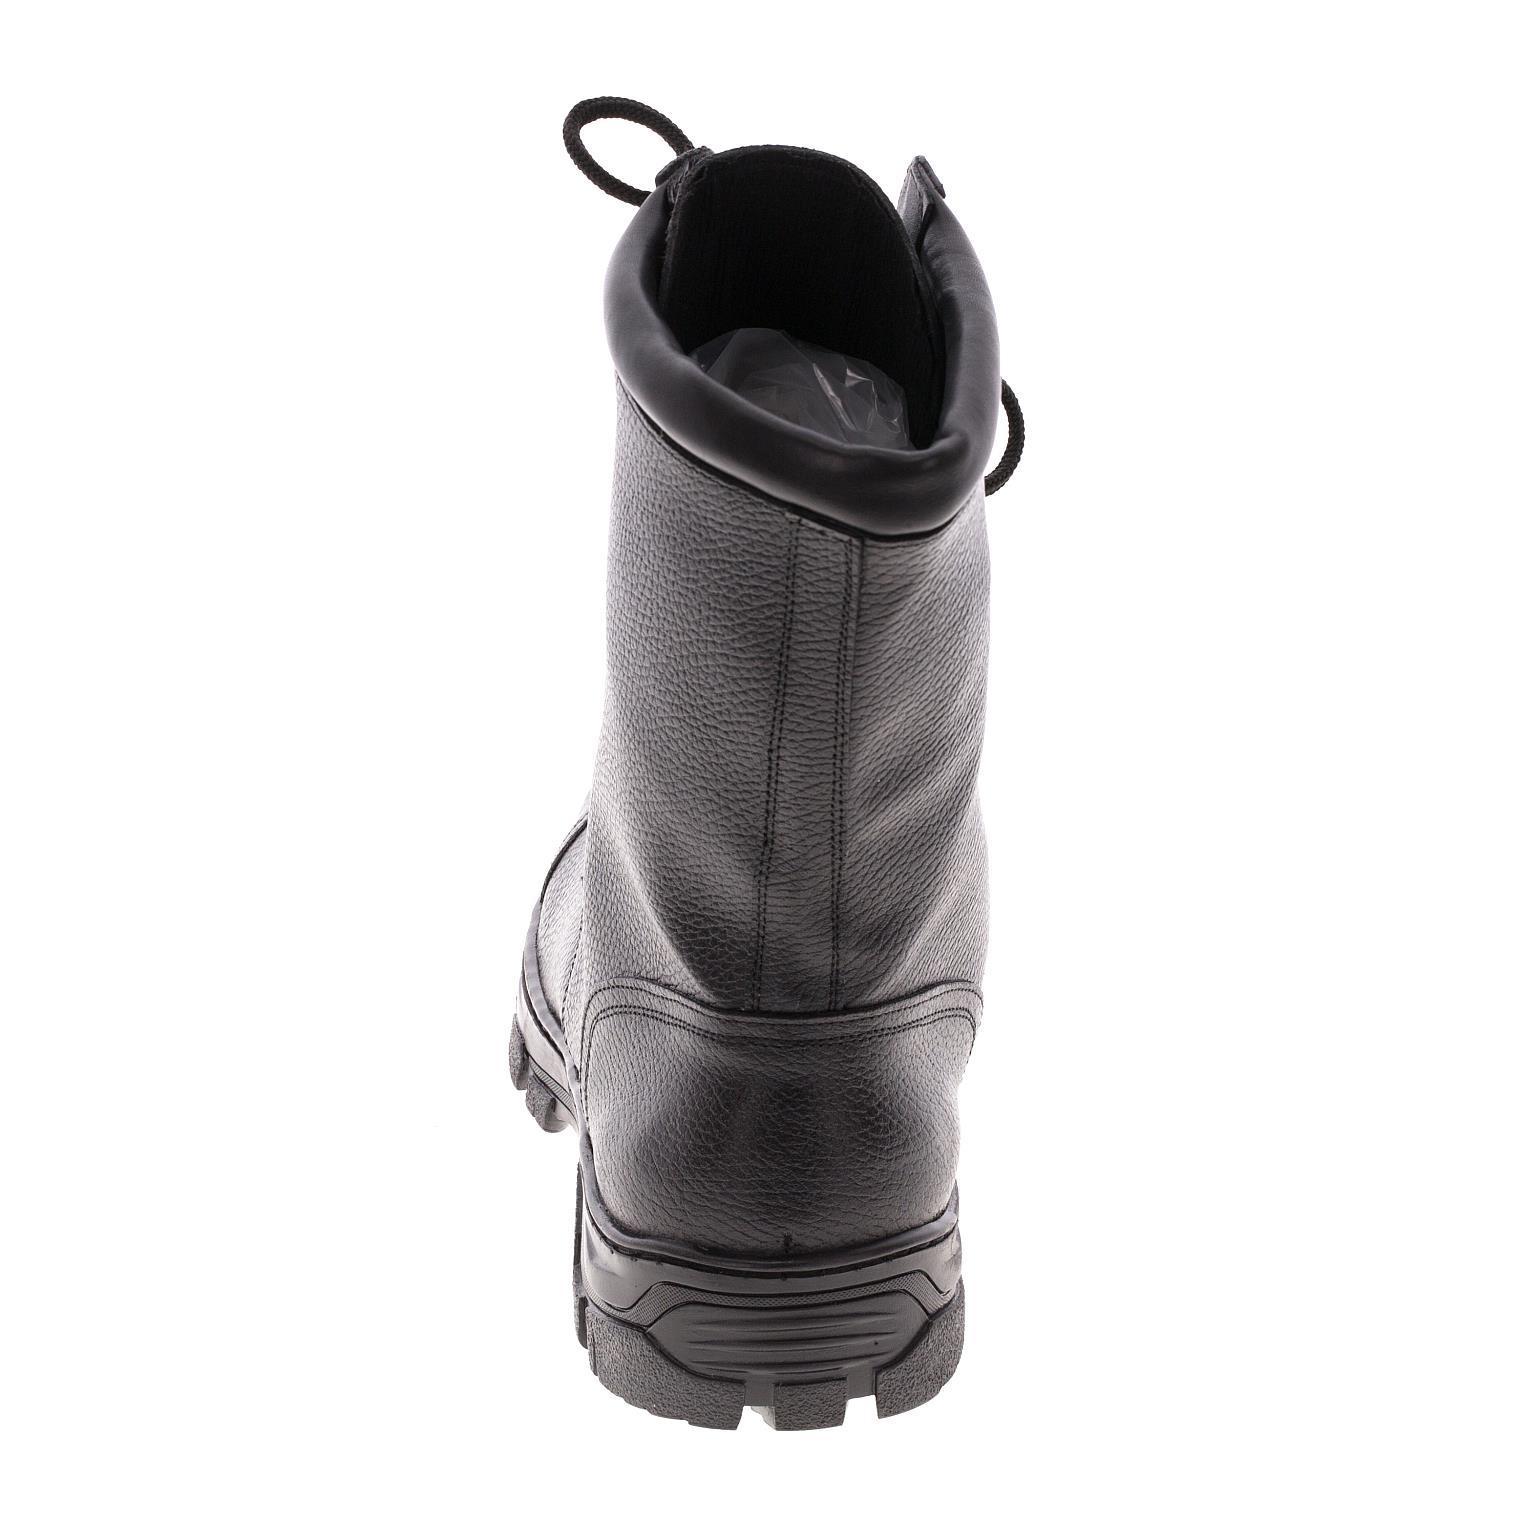 420435 сапоги мужские больших размеров марки Делфино